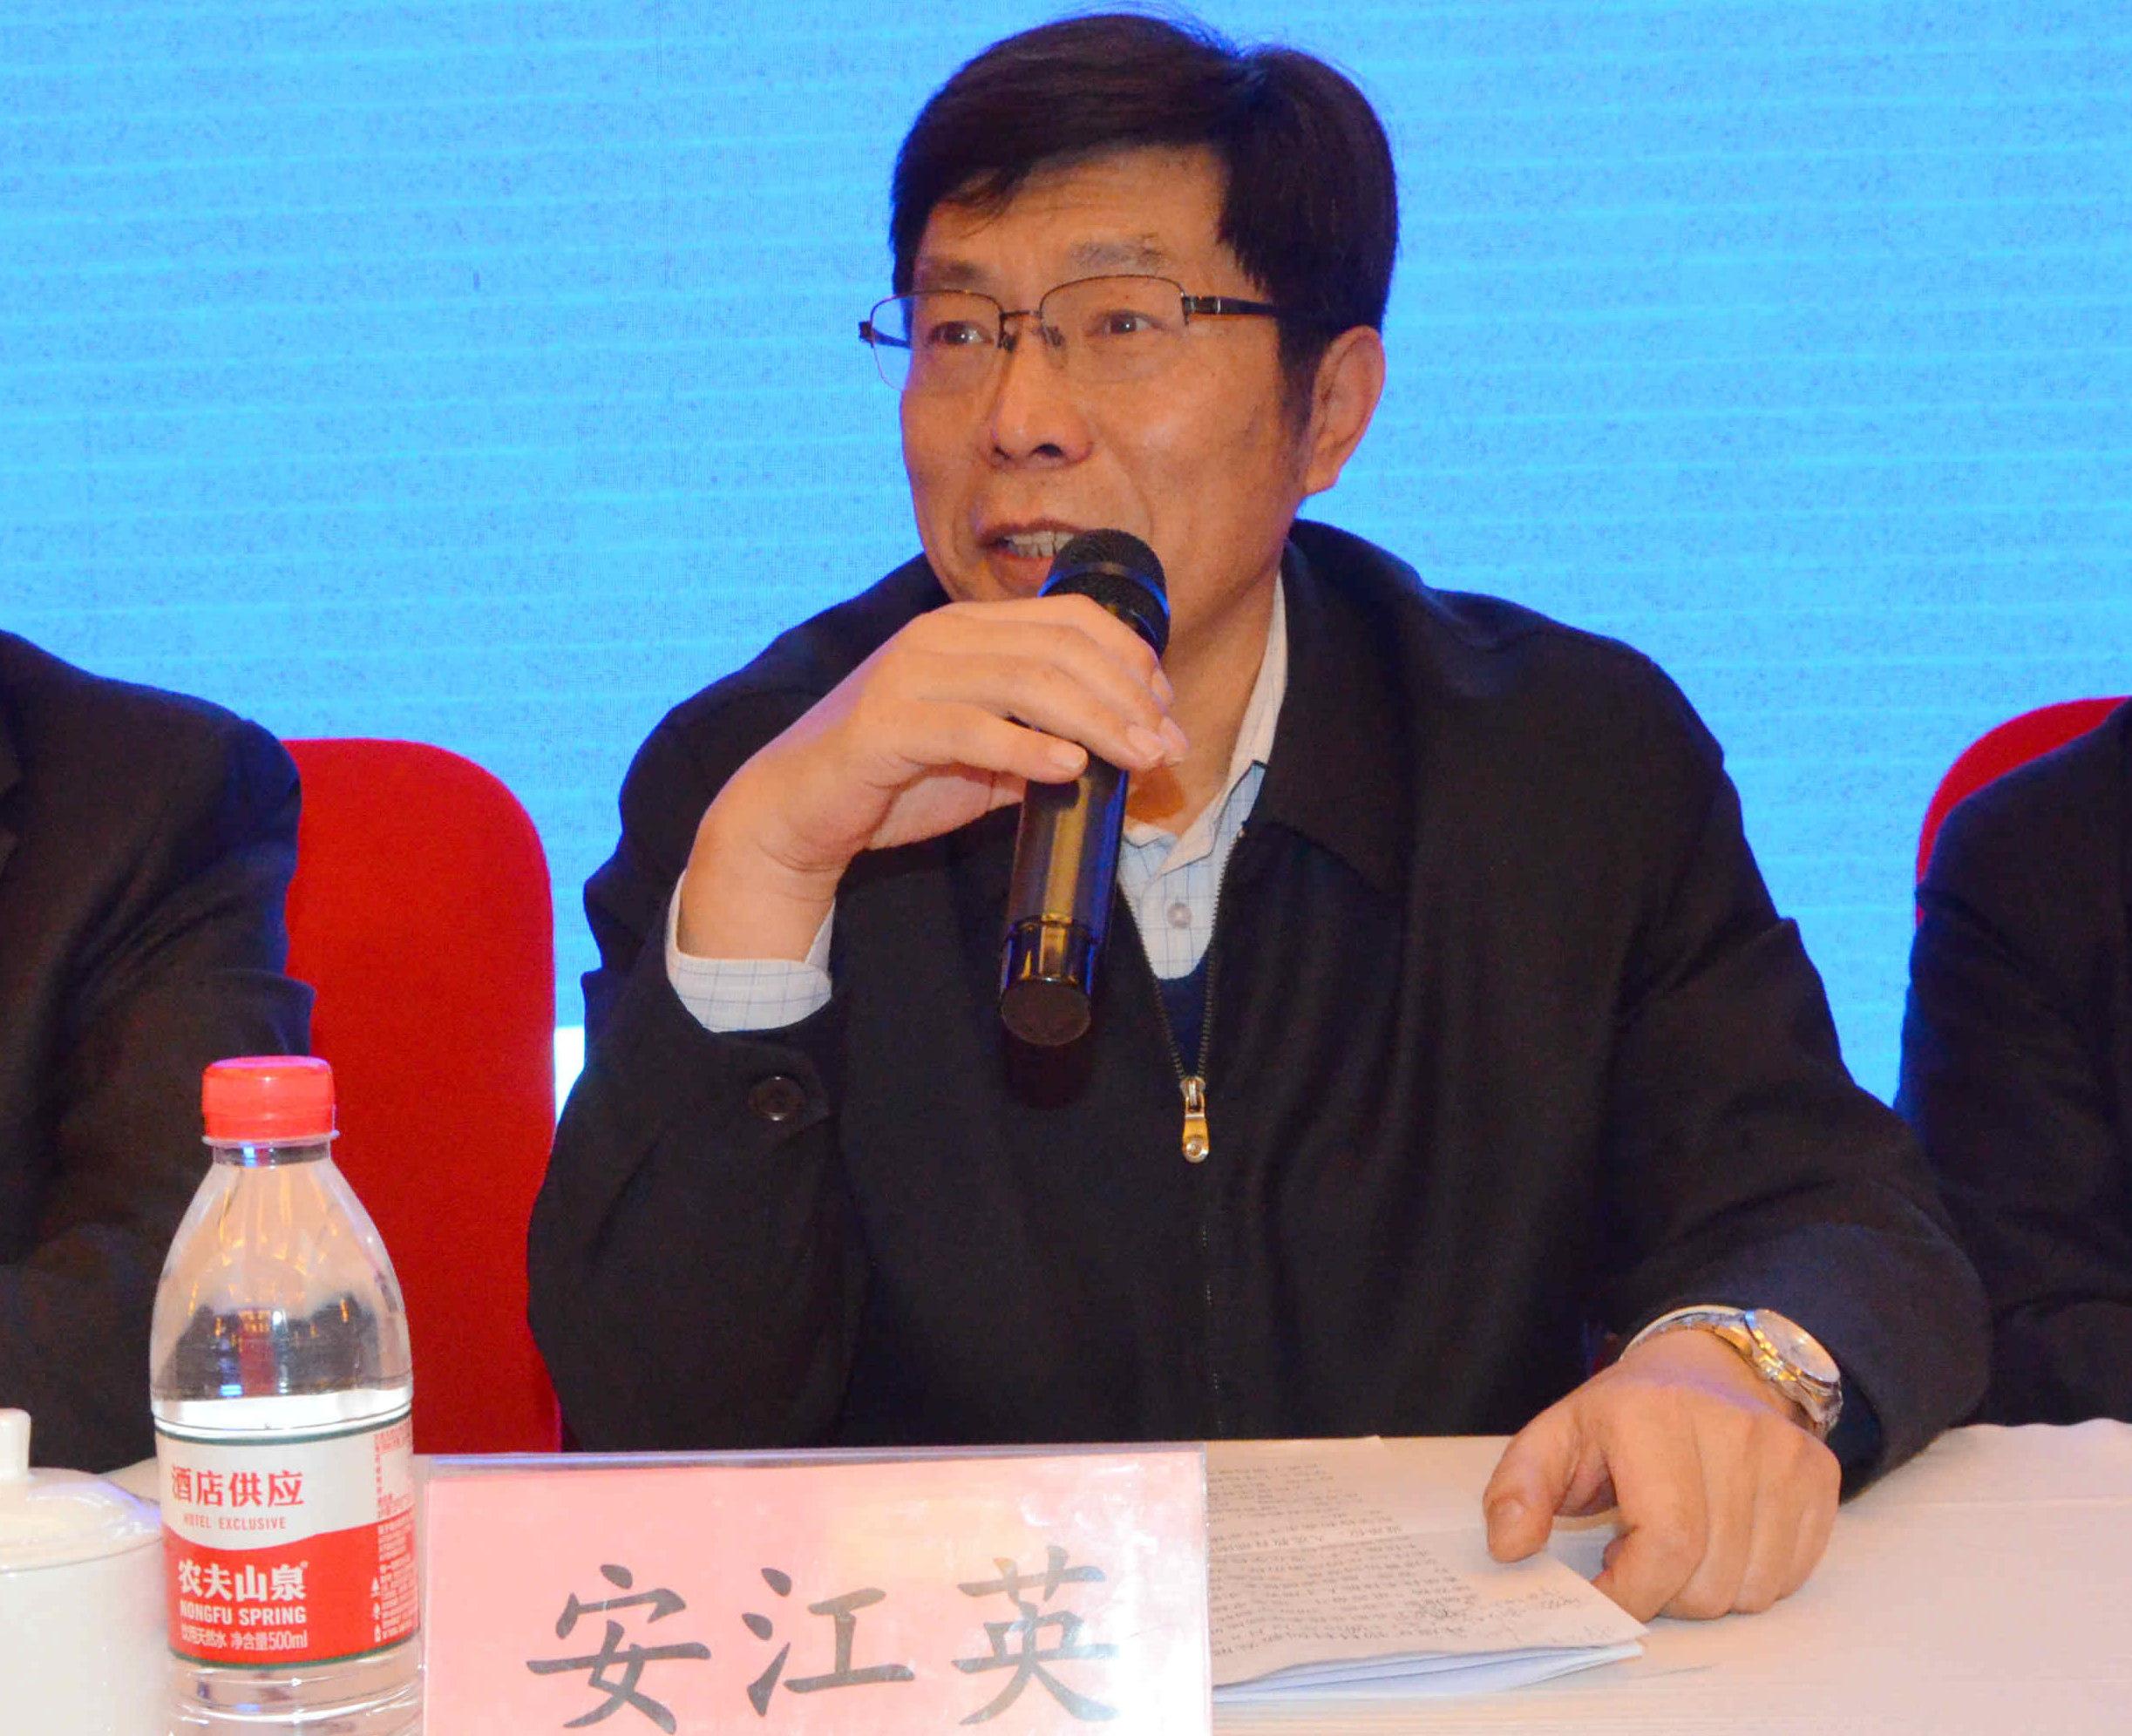 北京工业职业技术学院校长安江英讲话